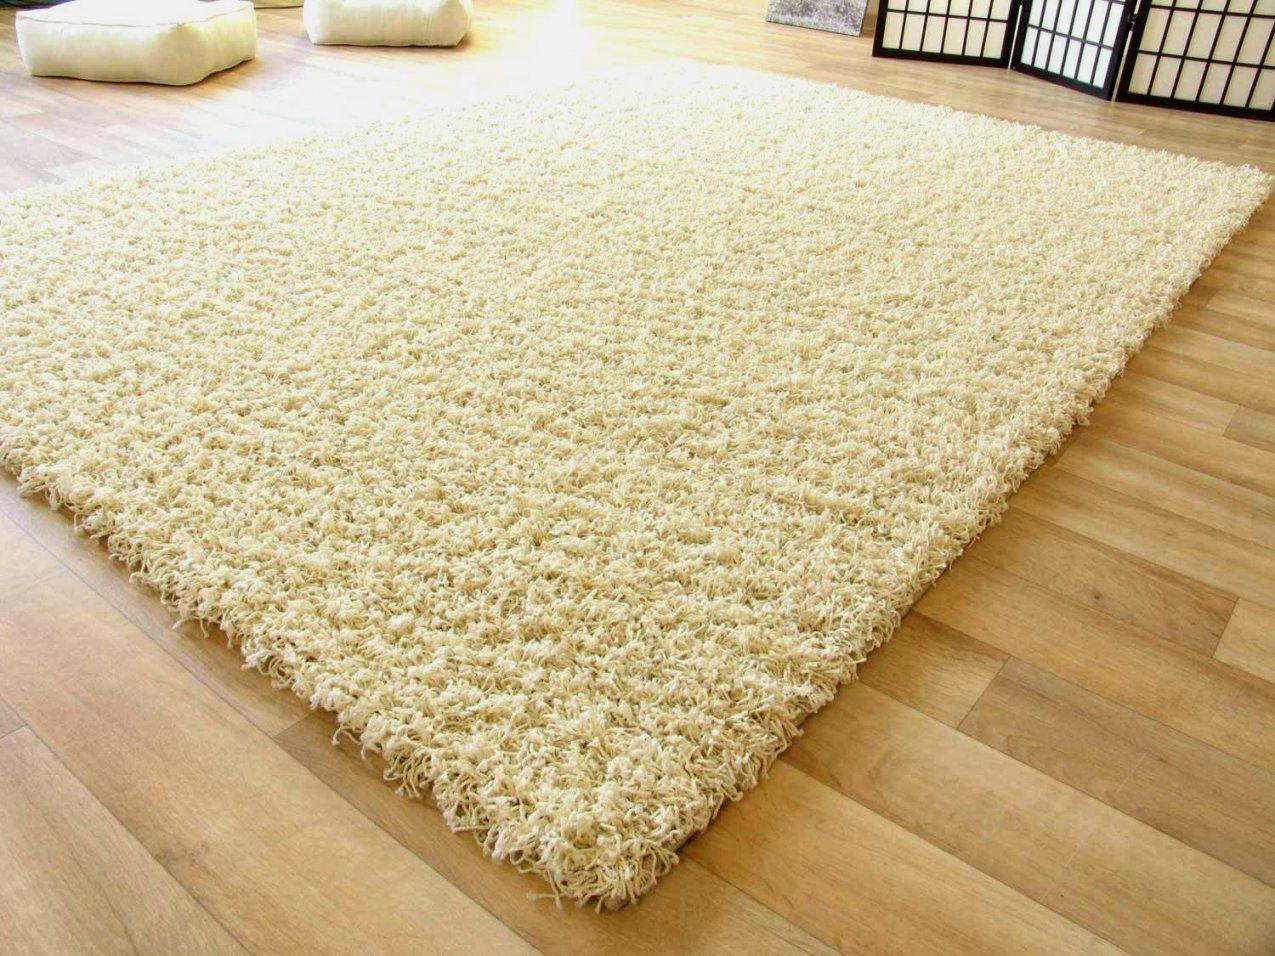 Tolle Hochflor Teppich Reinigen Hausmittel 16957 Dekorieren Bei Das von Hochflor Teppich Reinigen Hausmittel Photo